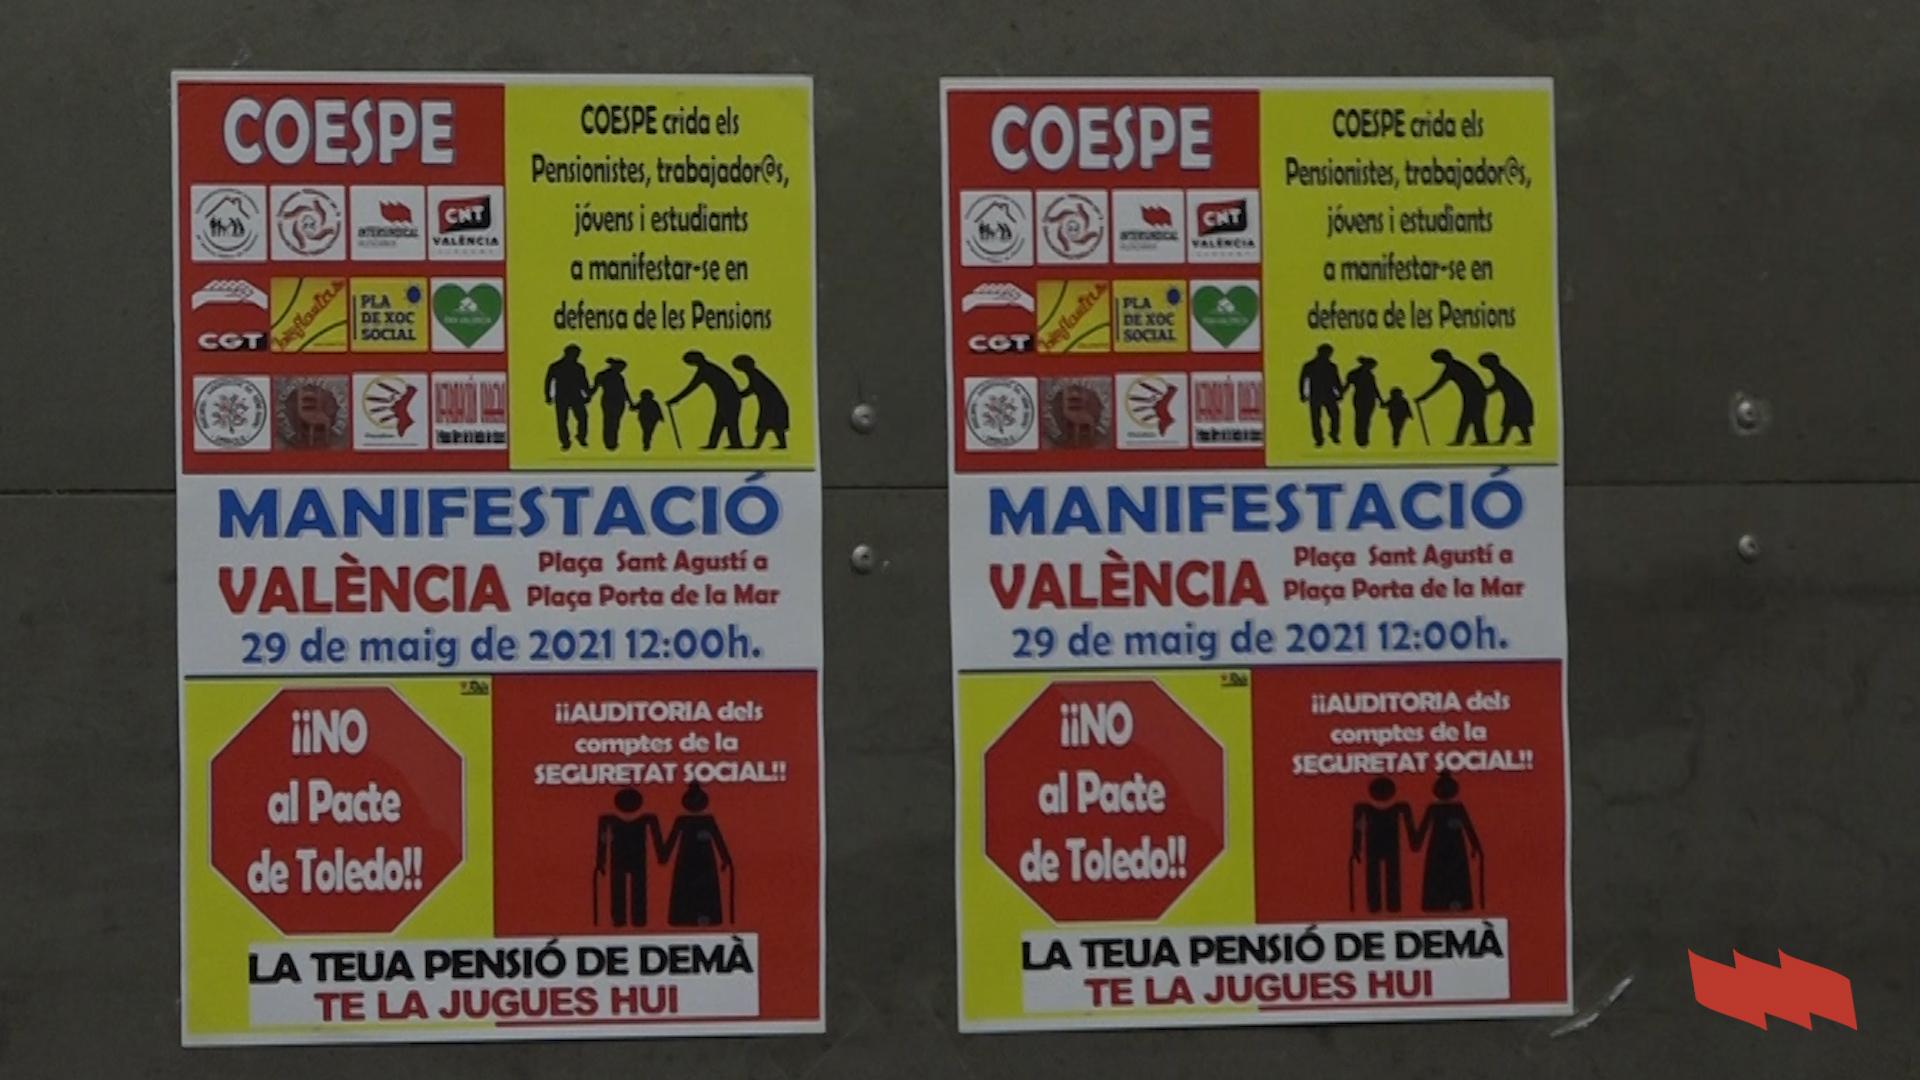 Dissabte 29 de maig a les 12.00: Manifestació a València per unes pensions públiques dignes